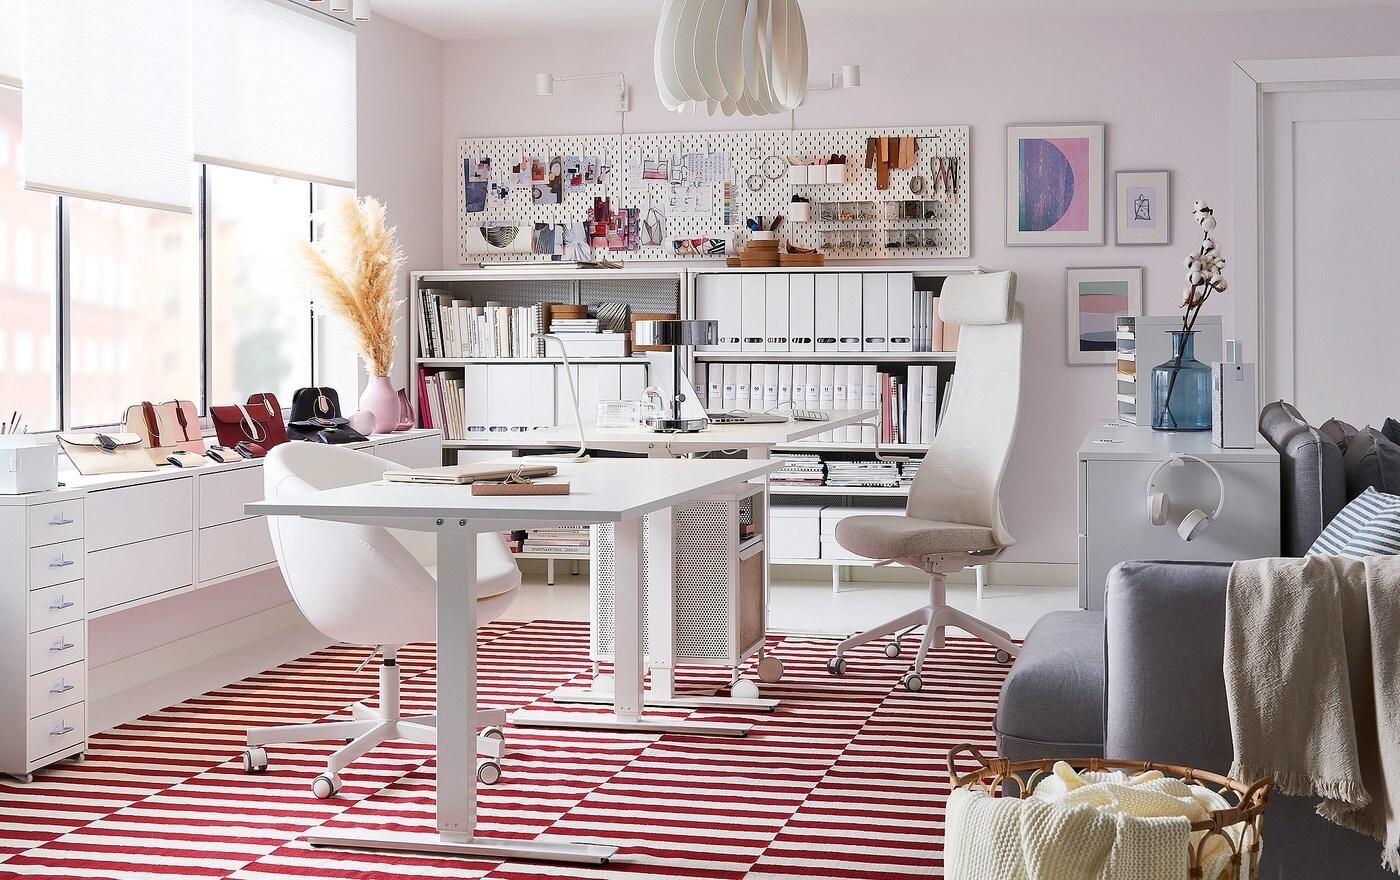 مساحة مكتب منزلي بيضاء مزينة بسجادة حياكة مسطّحة بيضاء وحمراء STOCKHOLM مع وحدة تخزين على عجلات BEKANT بيضاء اللون قابلة للنقل وأدراج مكتب GALANT بيضاء.